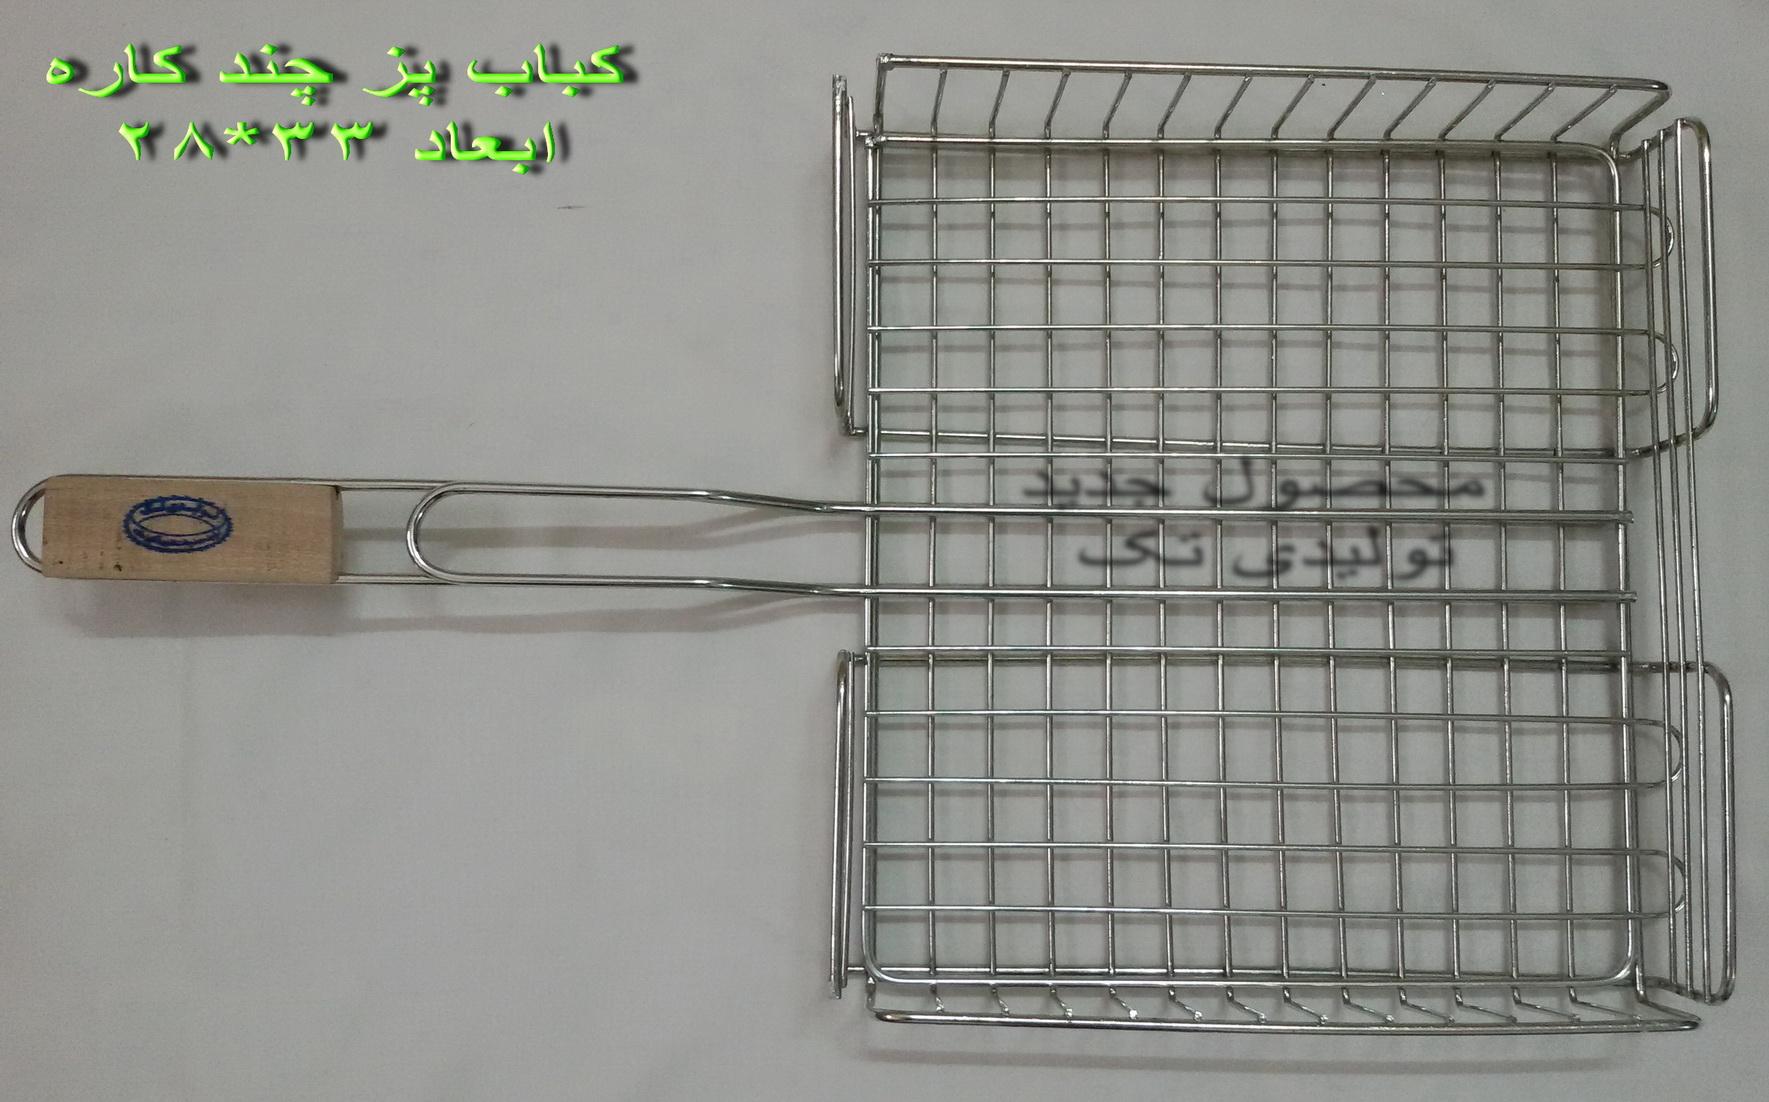 تولید  و پخش انواع مصنوعات فلزی آشپزخانه